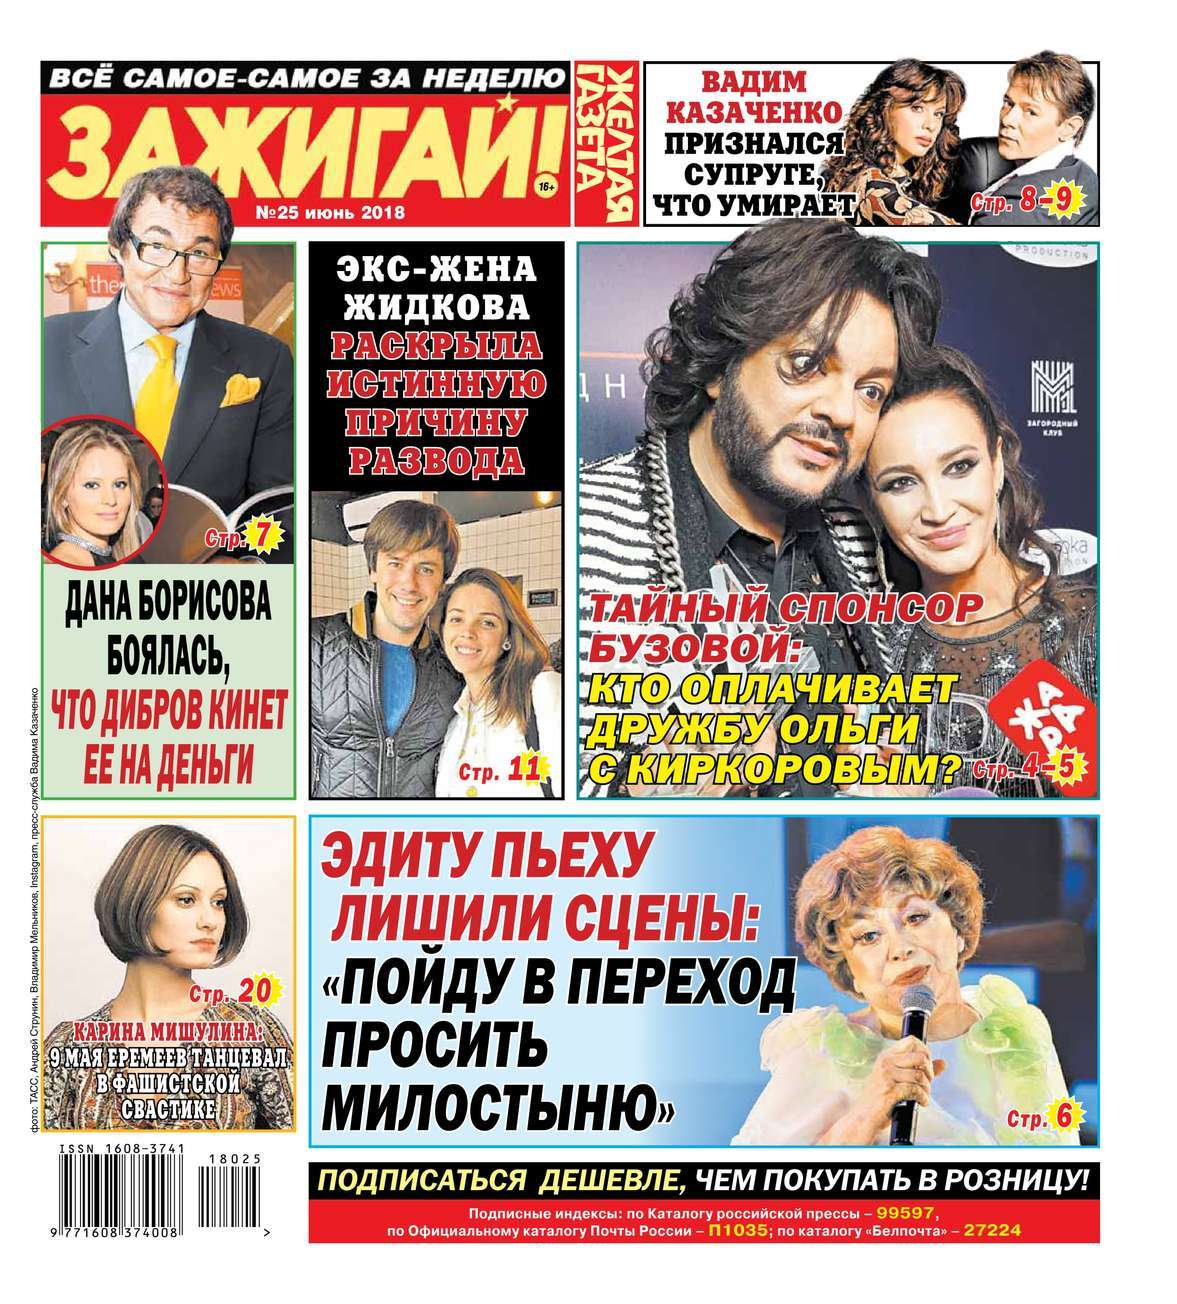 Желтая Газета. Зажигай! 25-2018